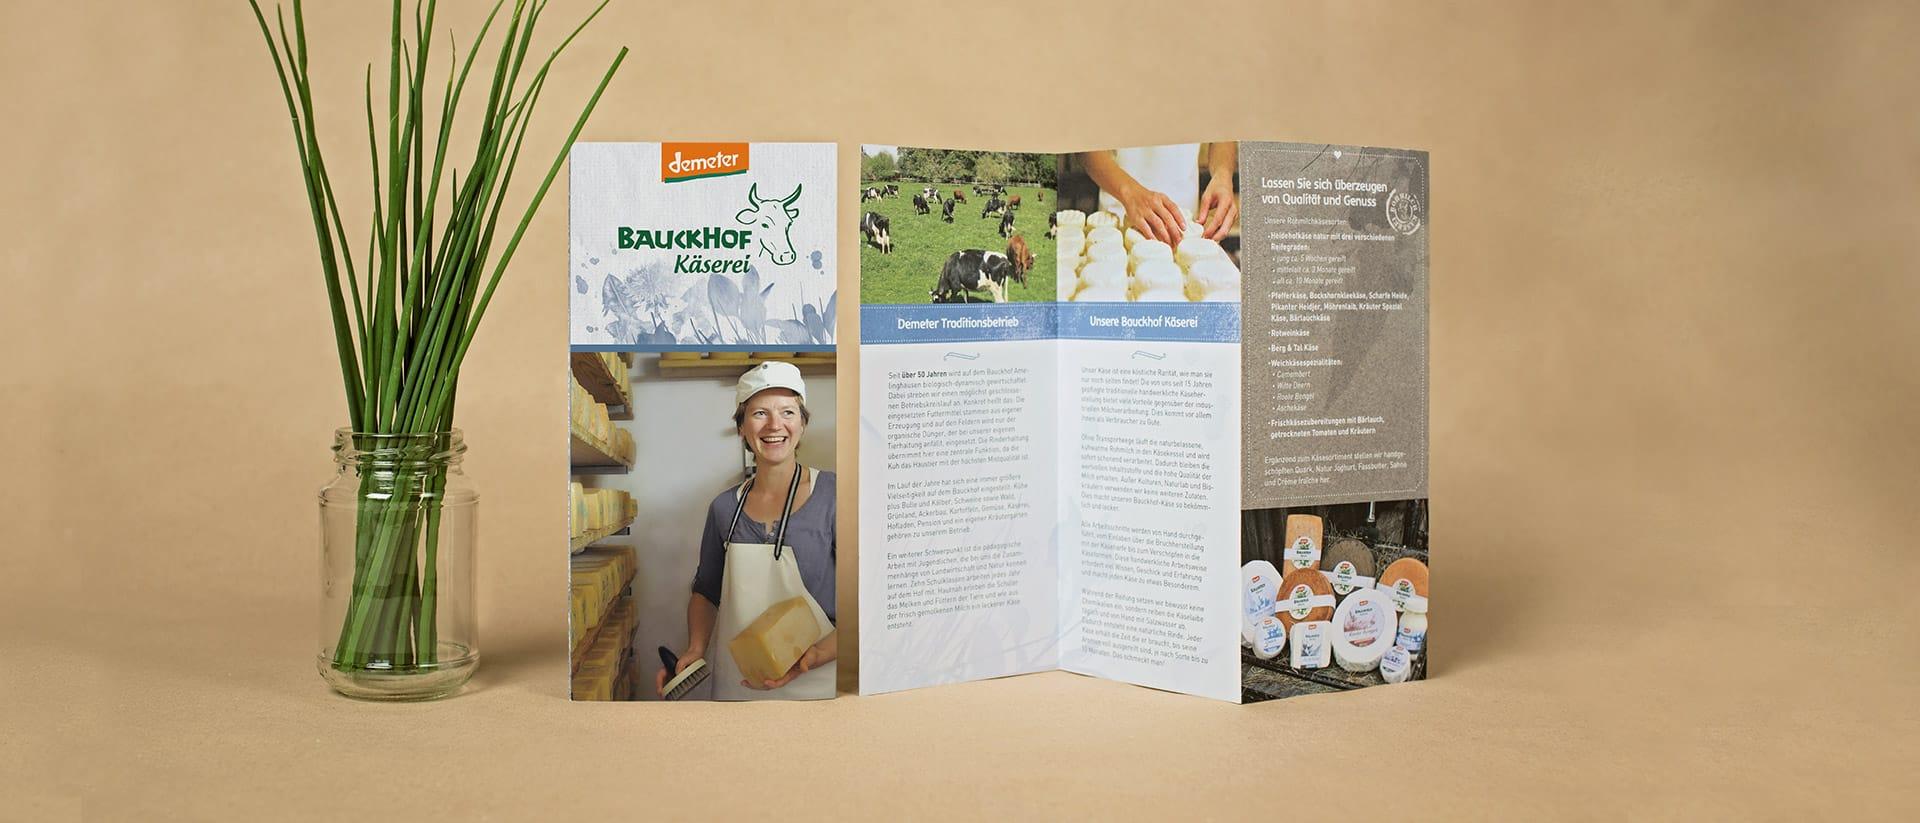 Käsereiflyer vom Bauckhof Printdesign von Redeleit und Junker